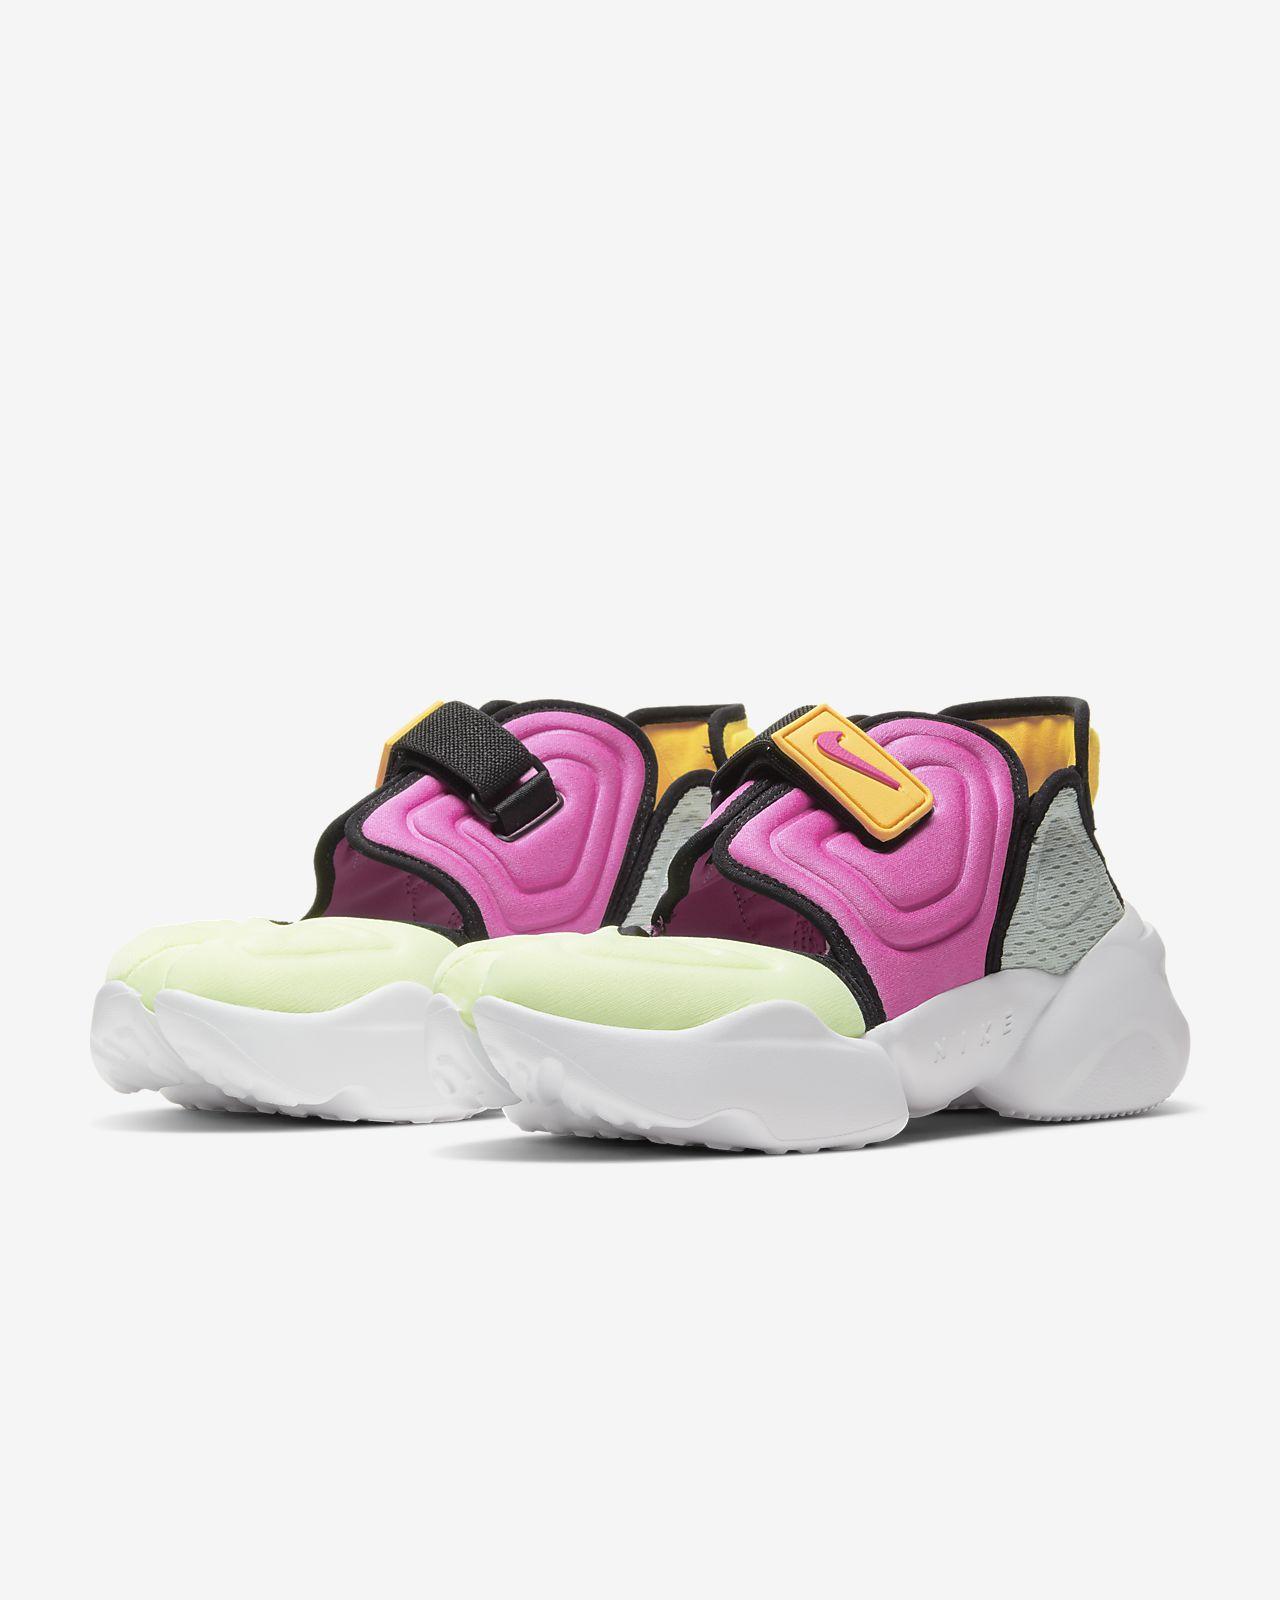 Nike Aqua Rift Women's Shoe